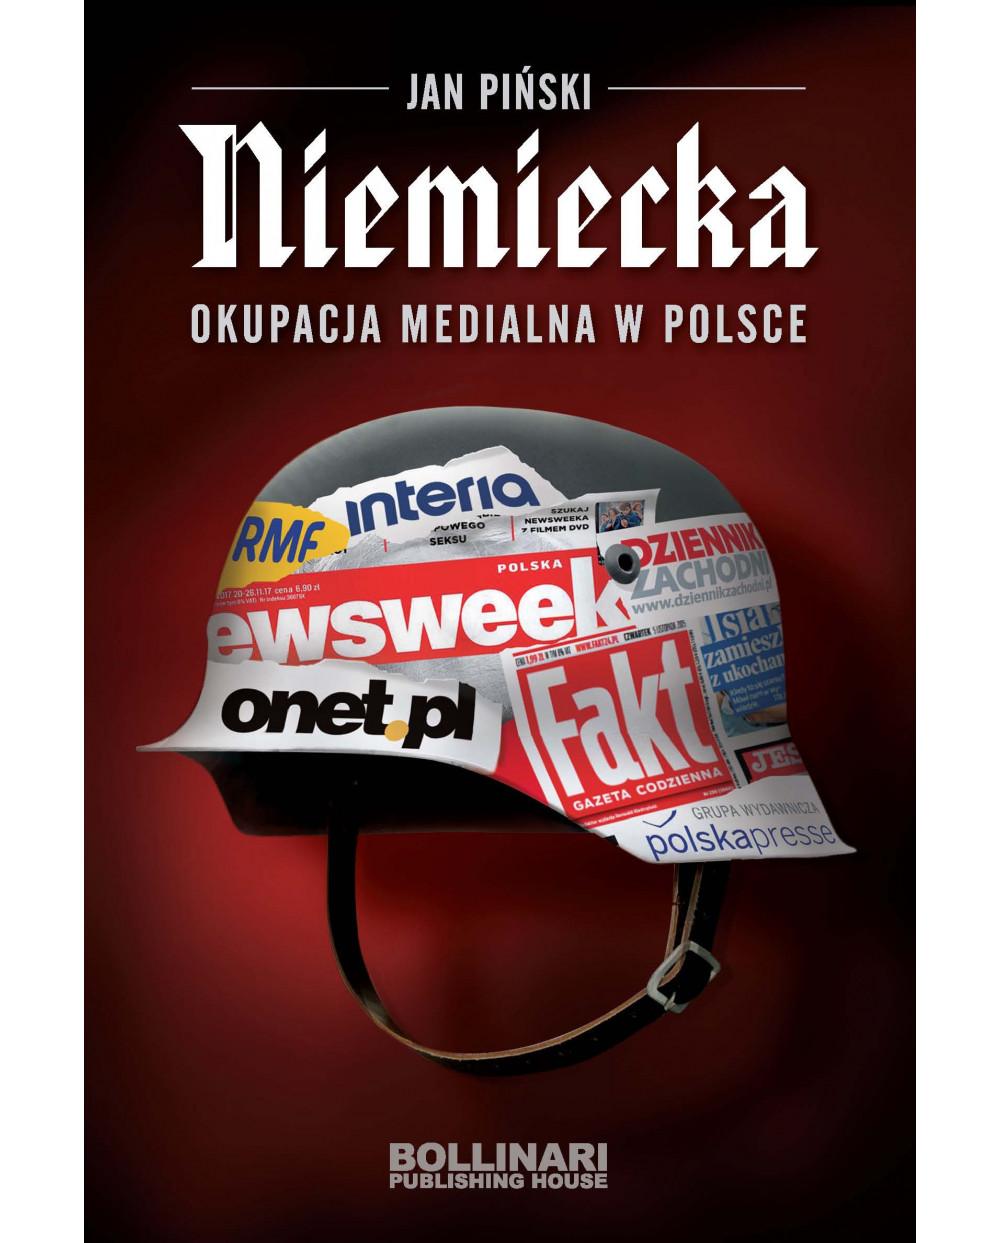 Jan Piński - Niemiecka okupacja medialna w Polsce